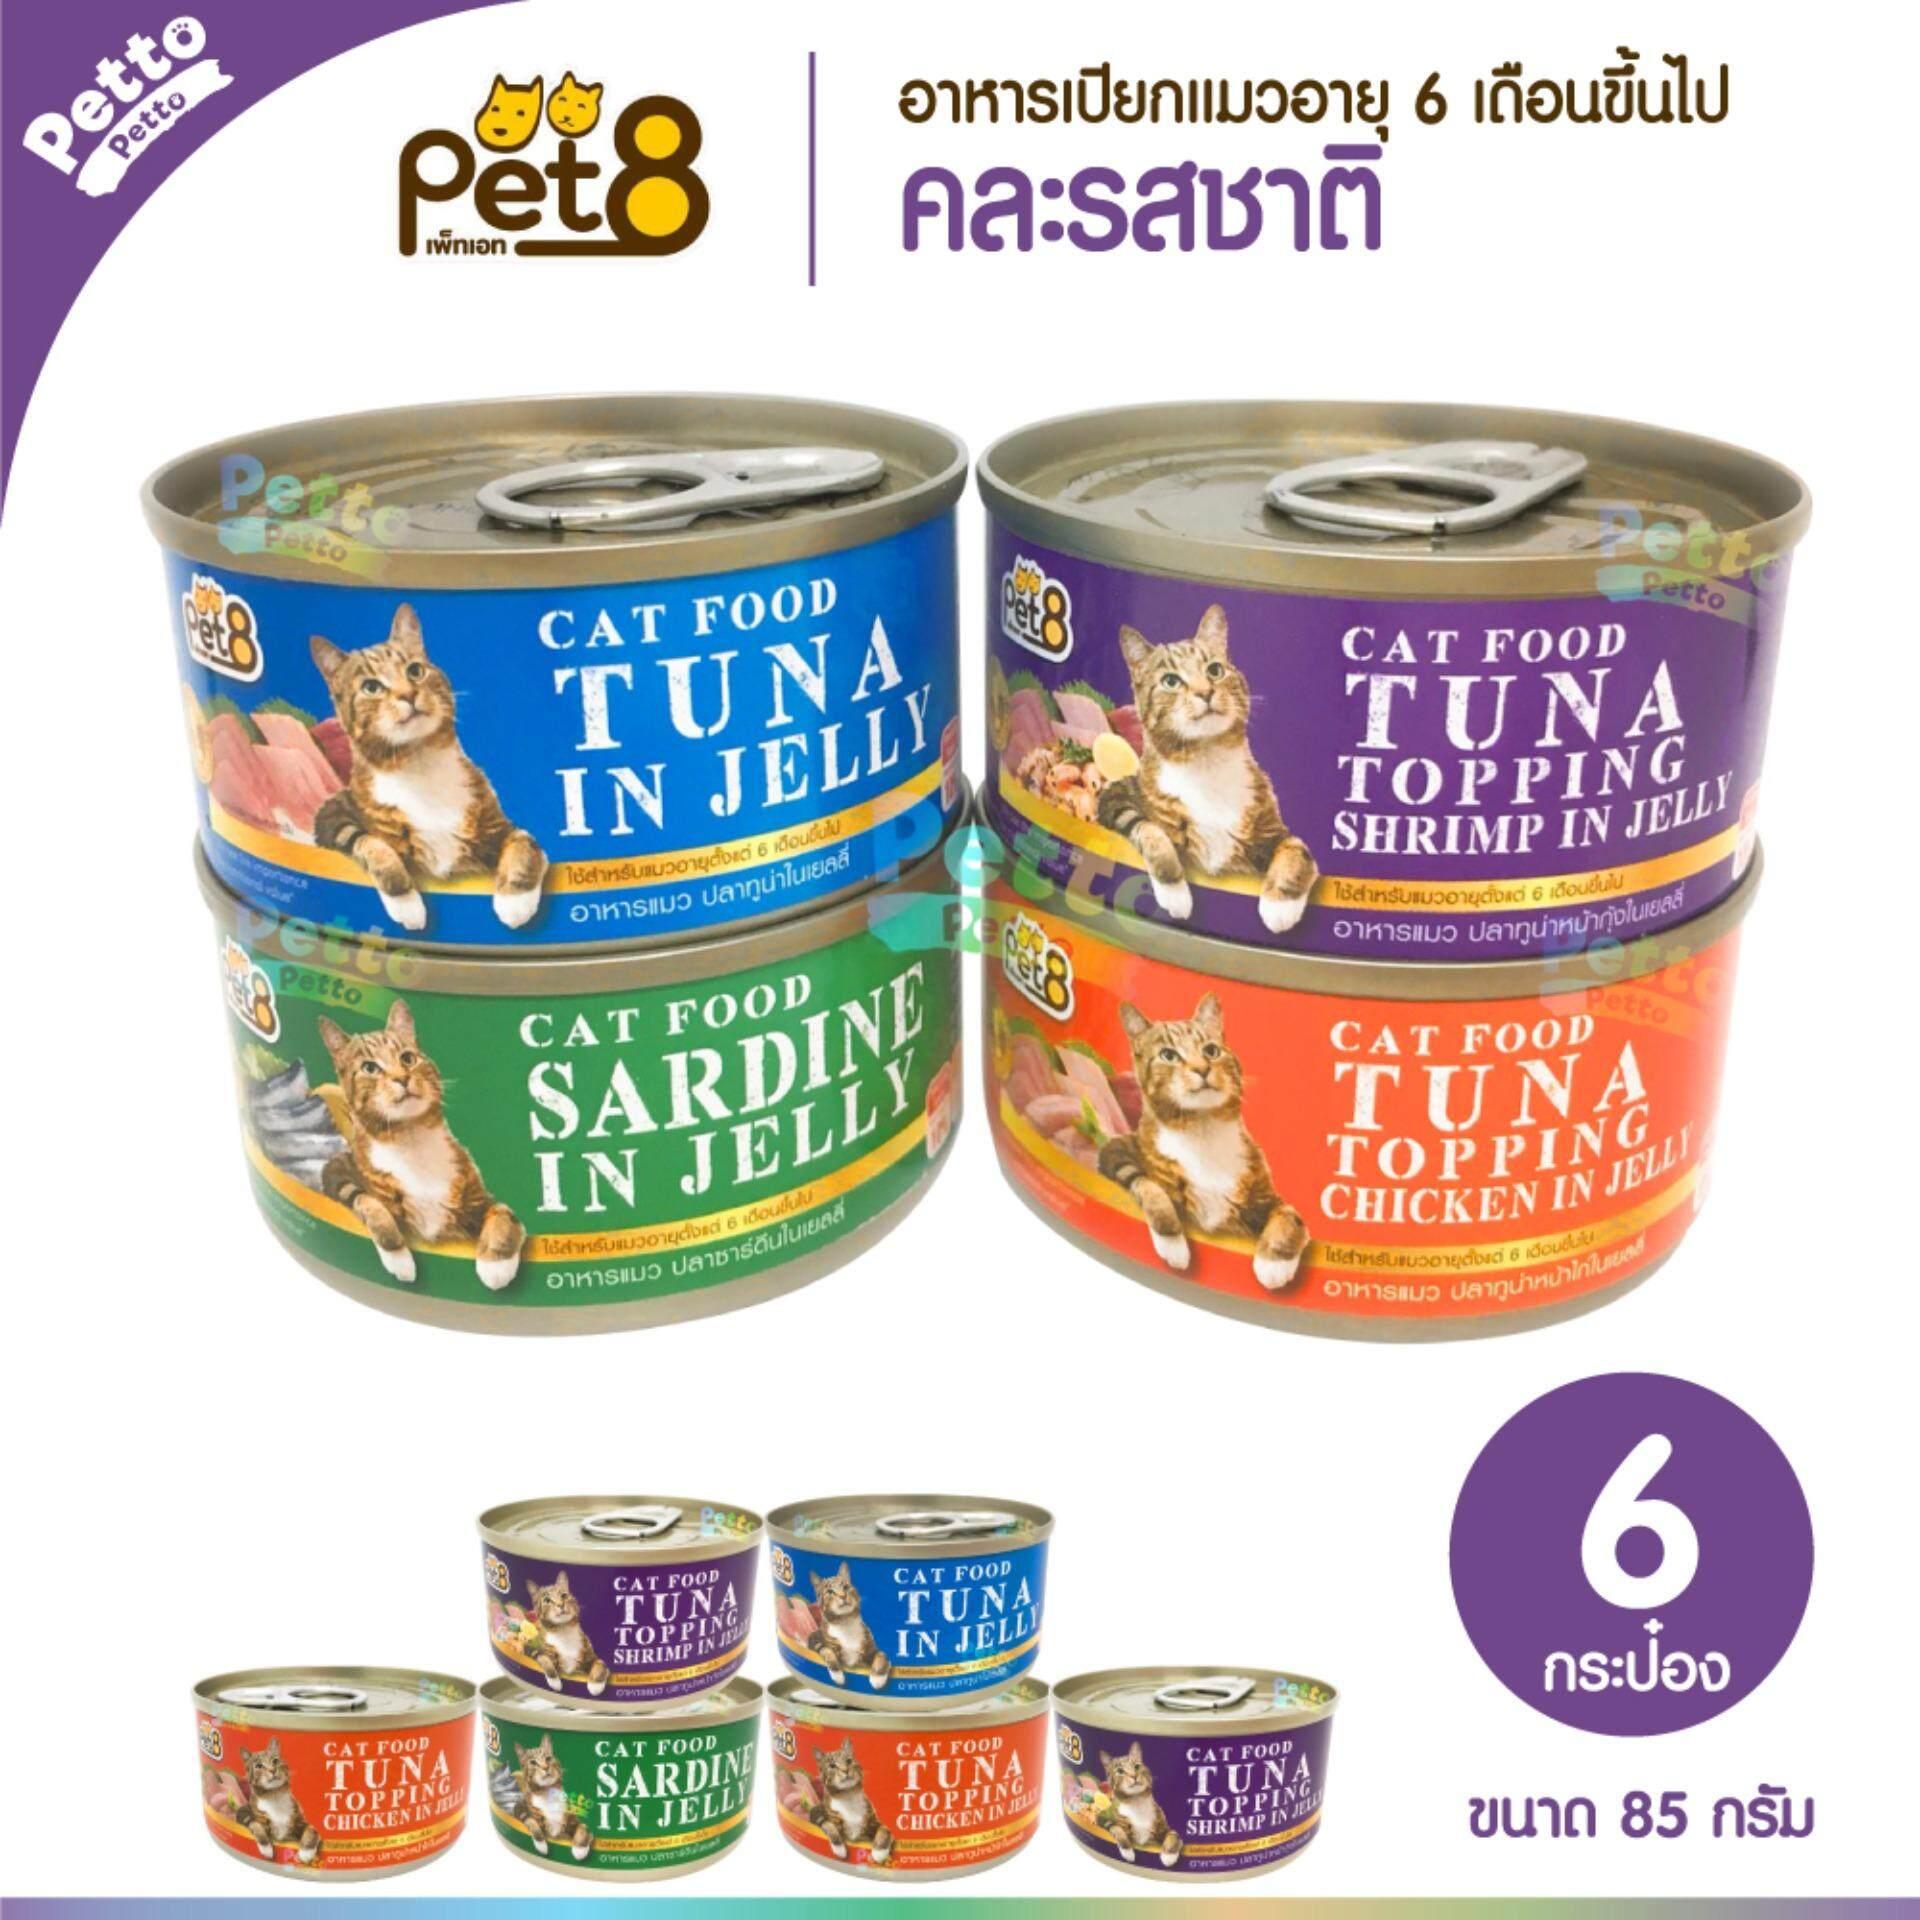 Pet8 อาหารแมว คละรสชาติ ในเยลลี่ 85 กรัม - 6 ชิ้น By Petto Petto.